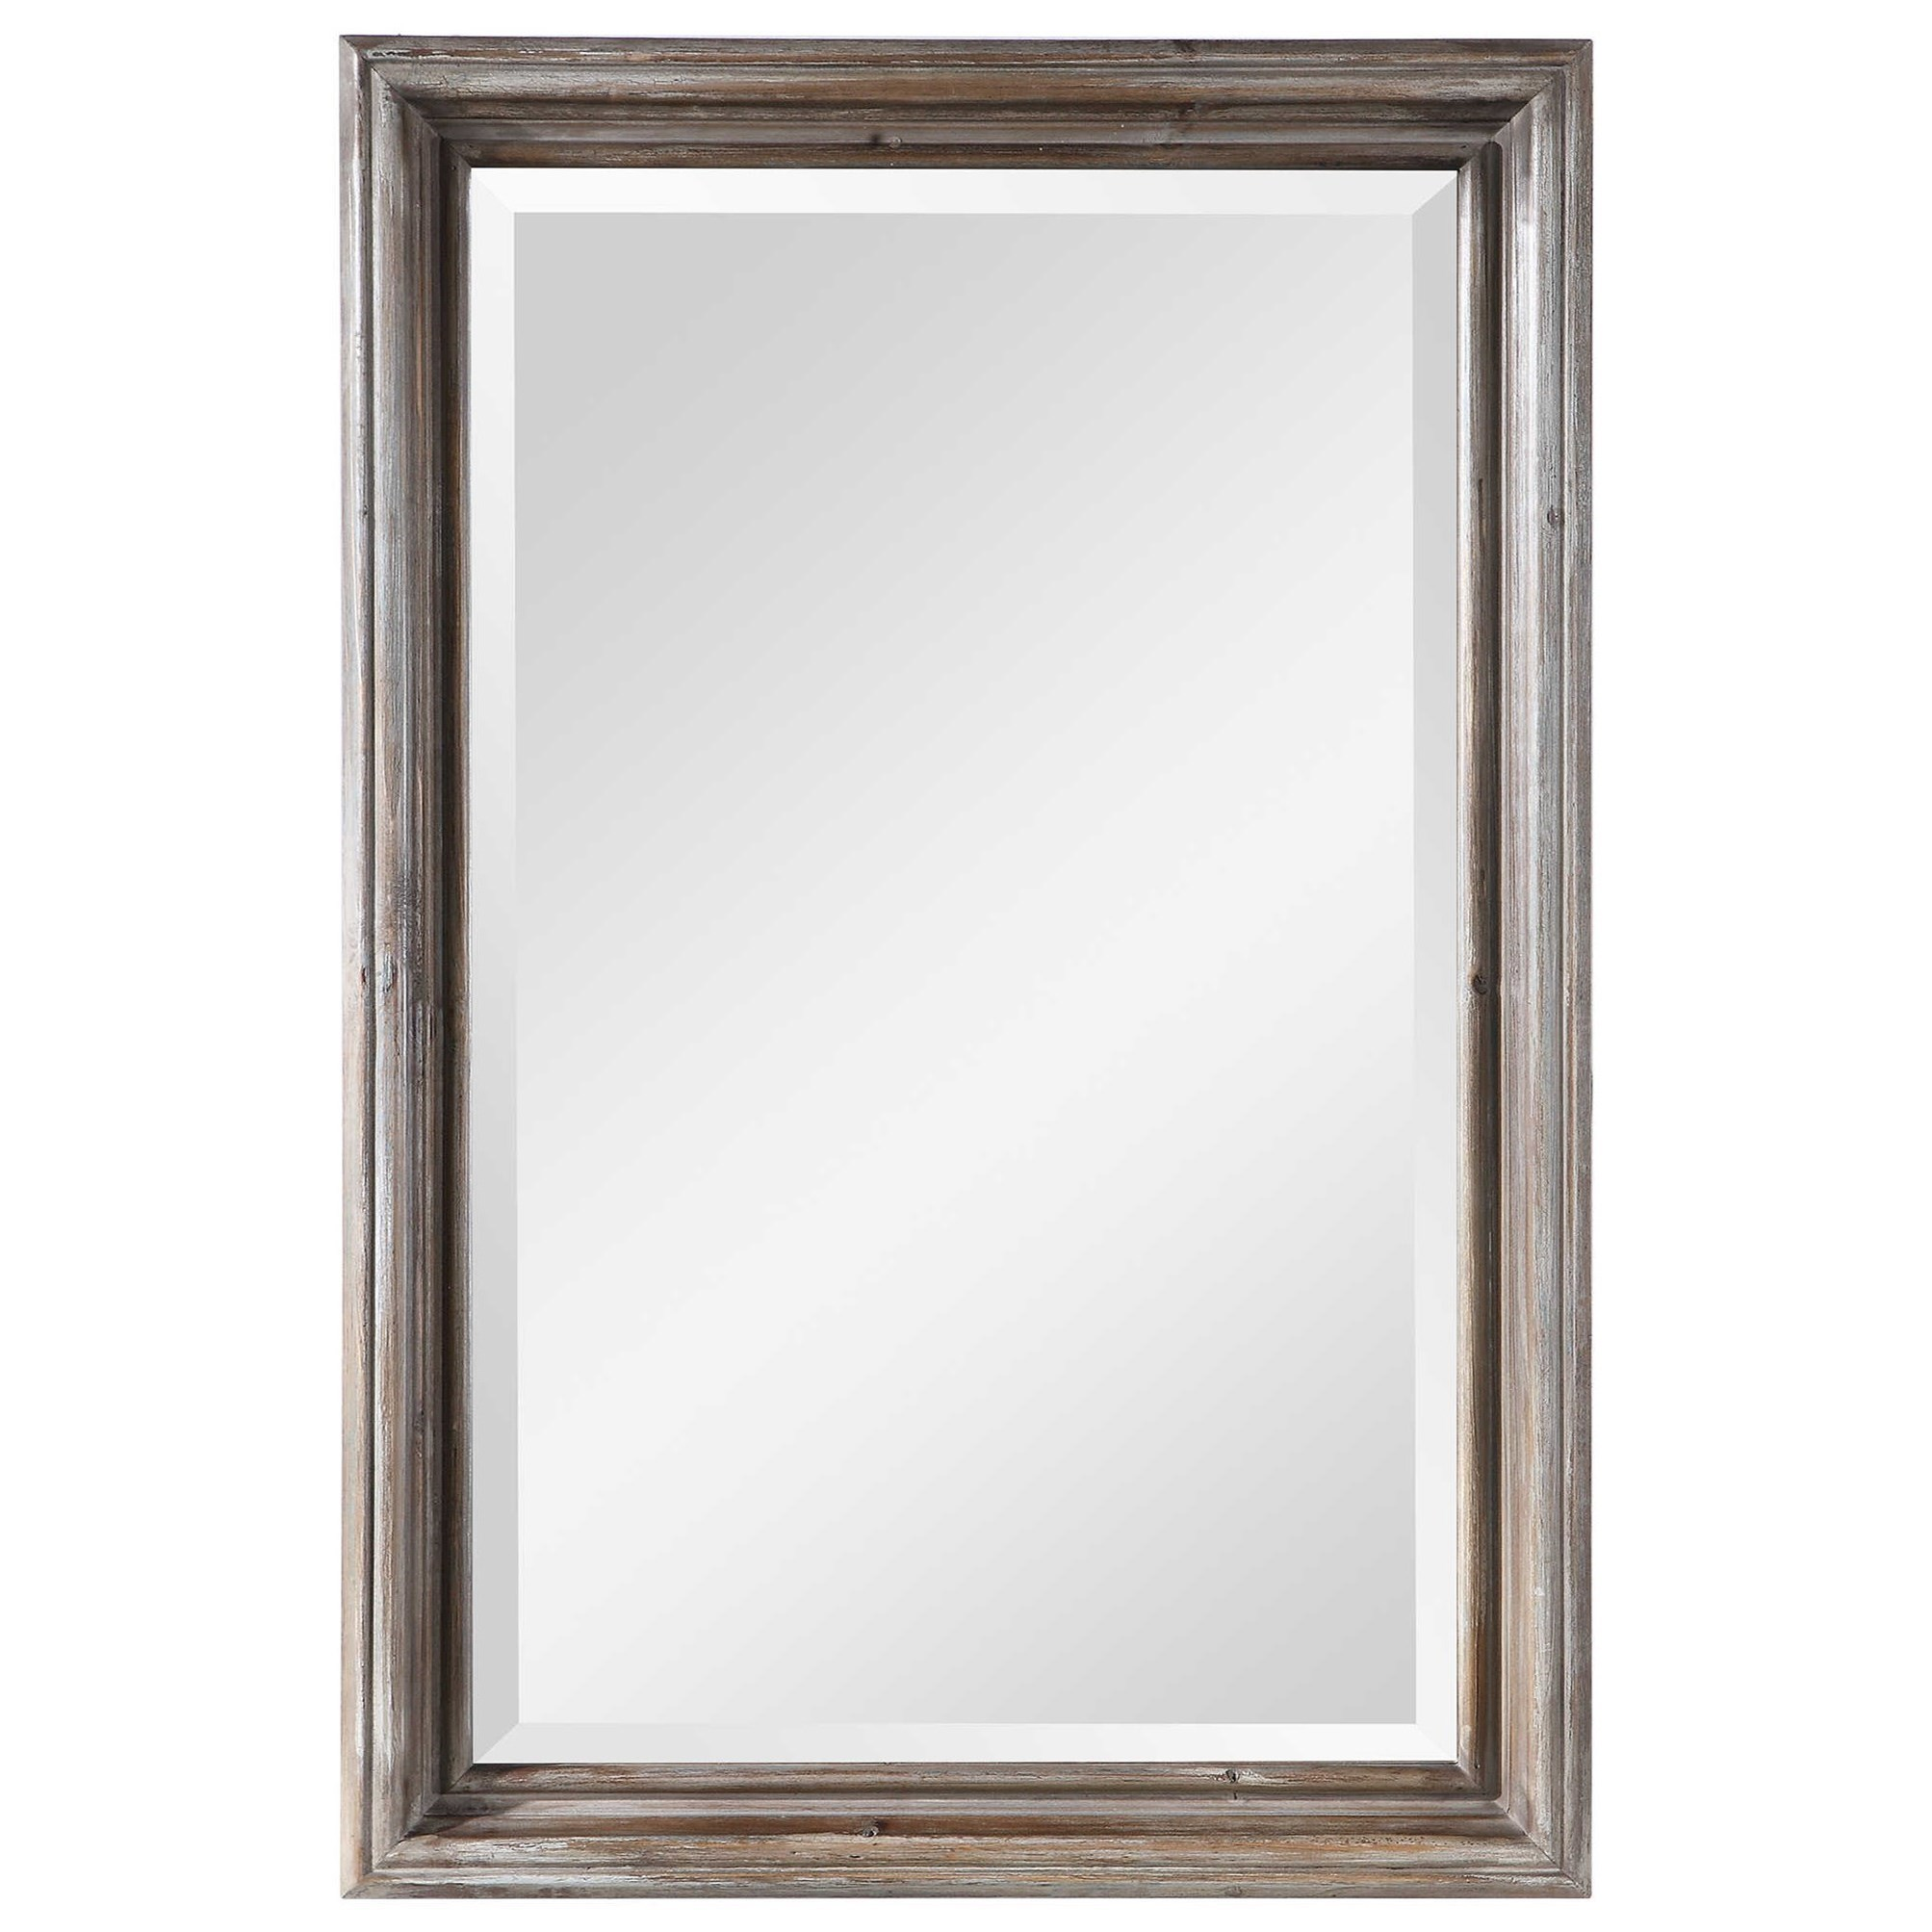 Mirrors Fielder Distressed Vanity Mirror by Uttermost at Mueller Furniture